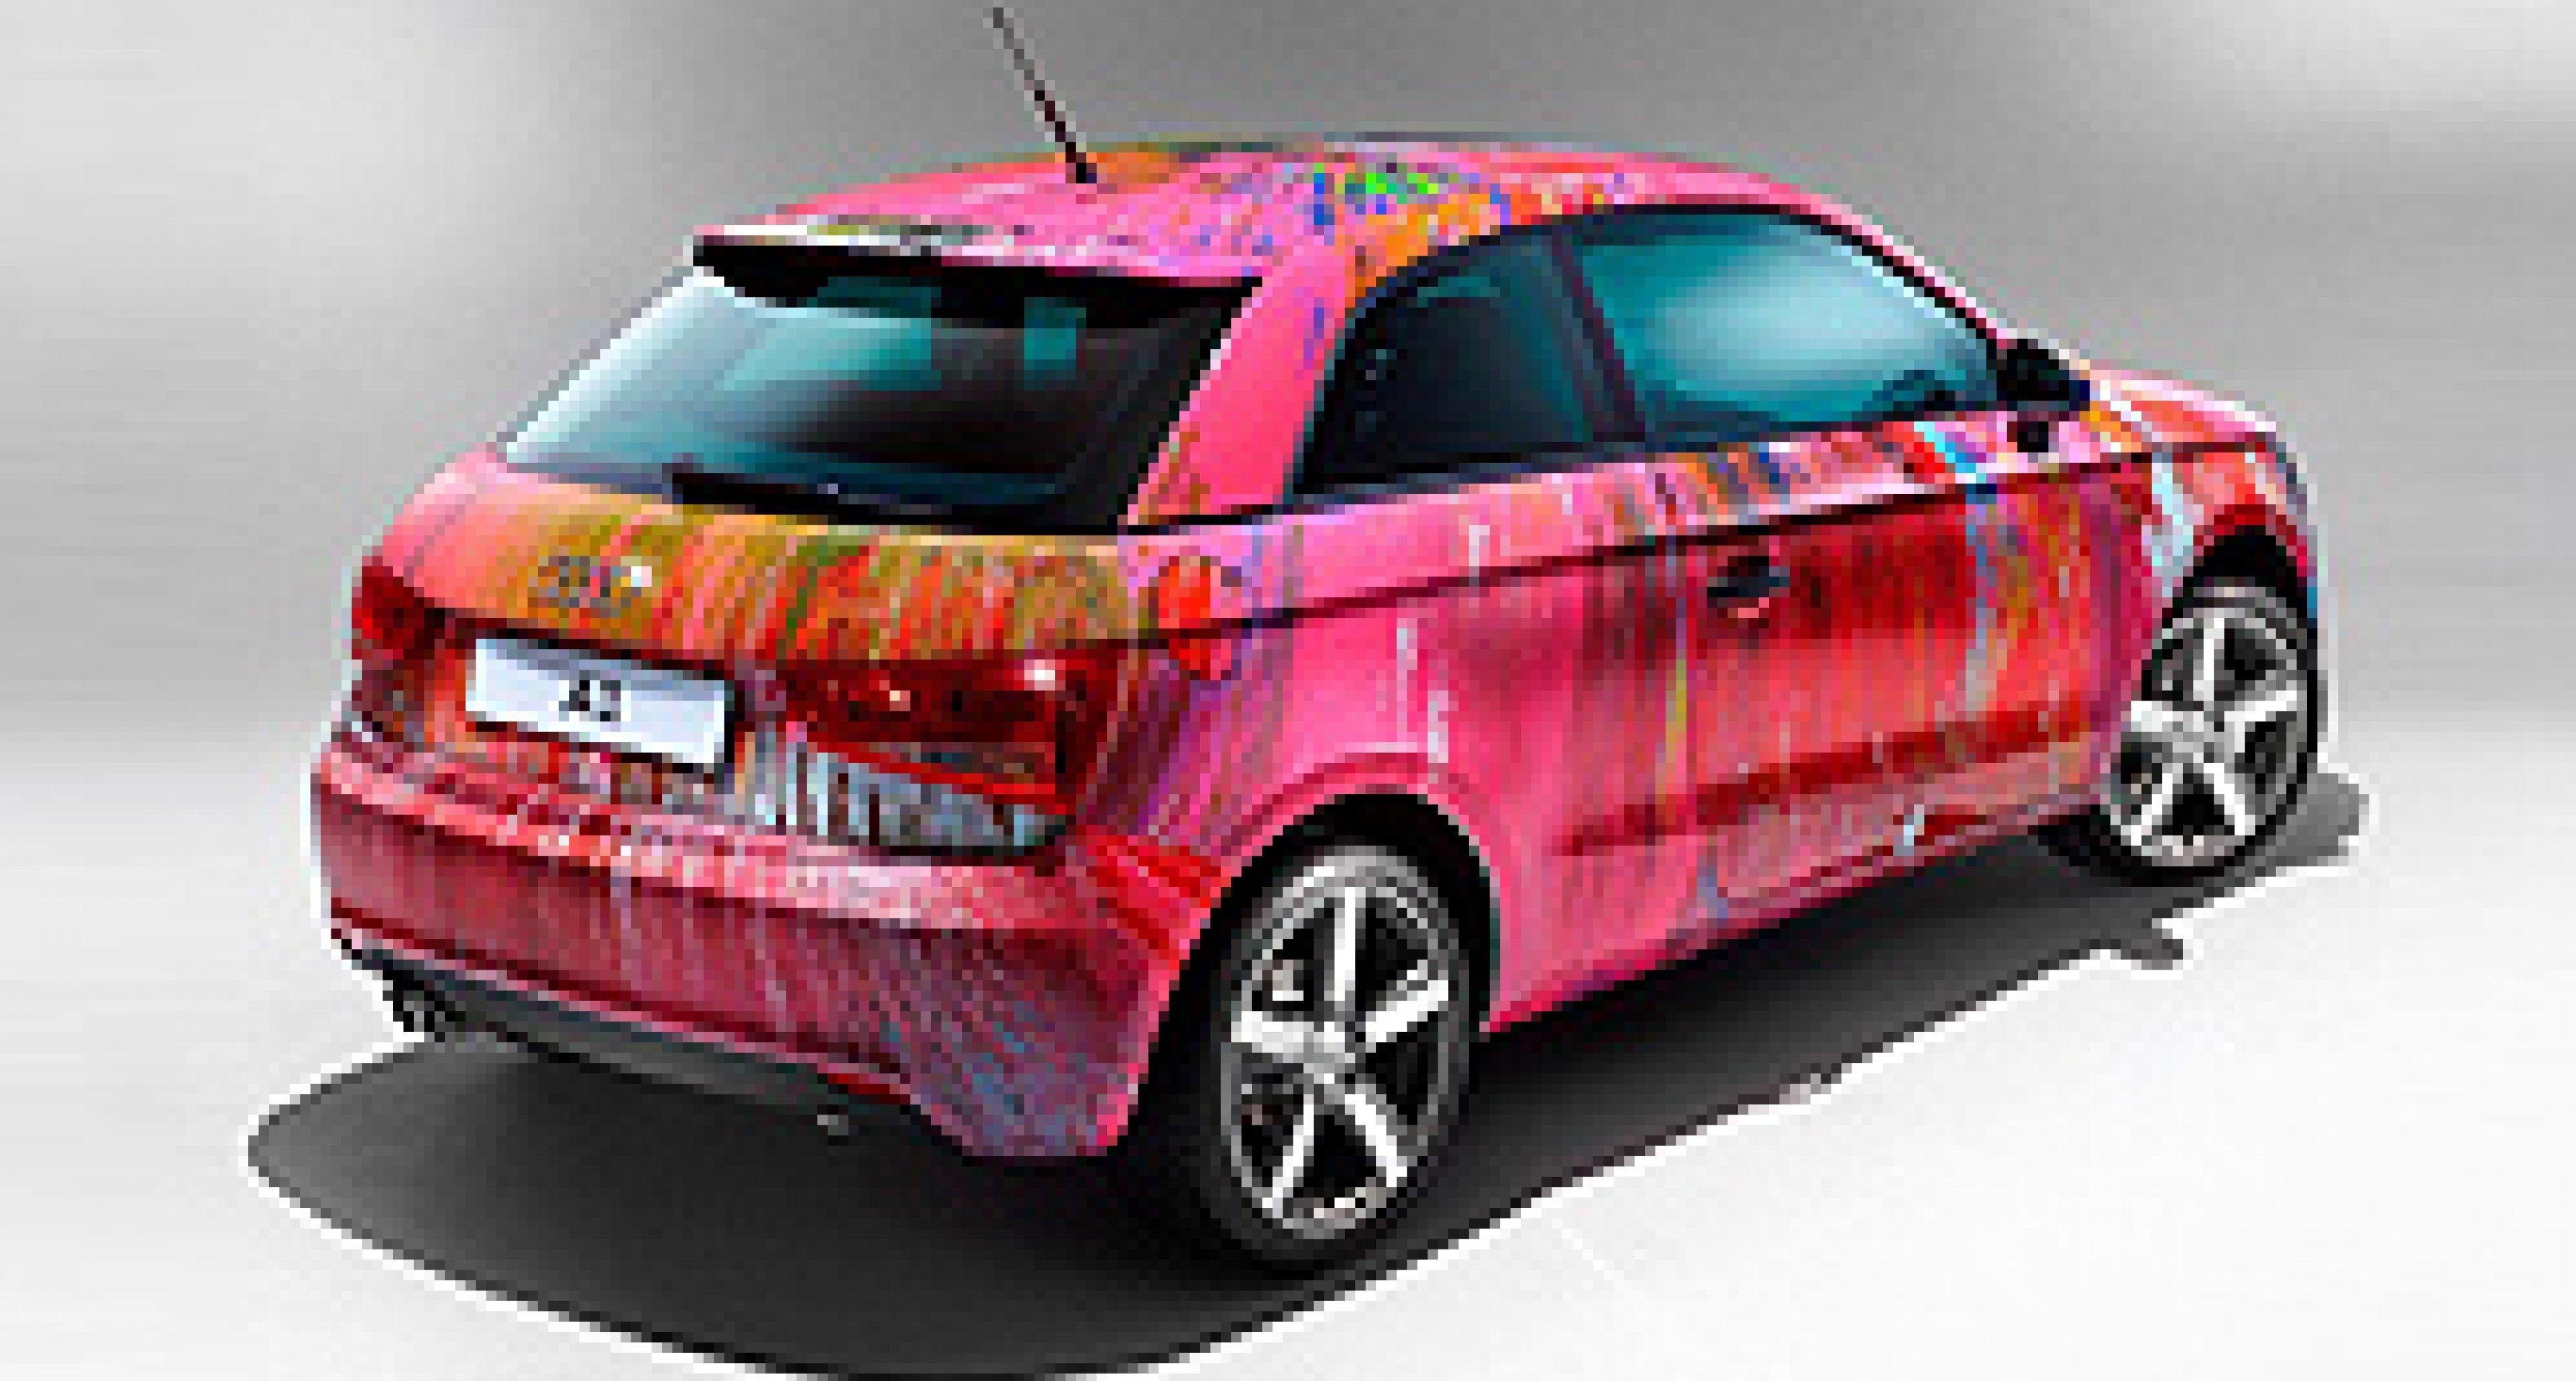 Audi A1 von Damien Hirst bringt 425.000 Euro